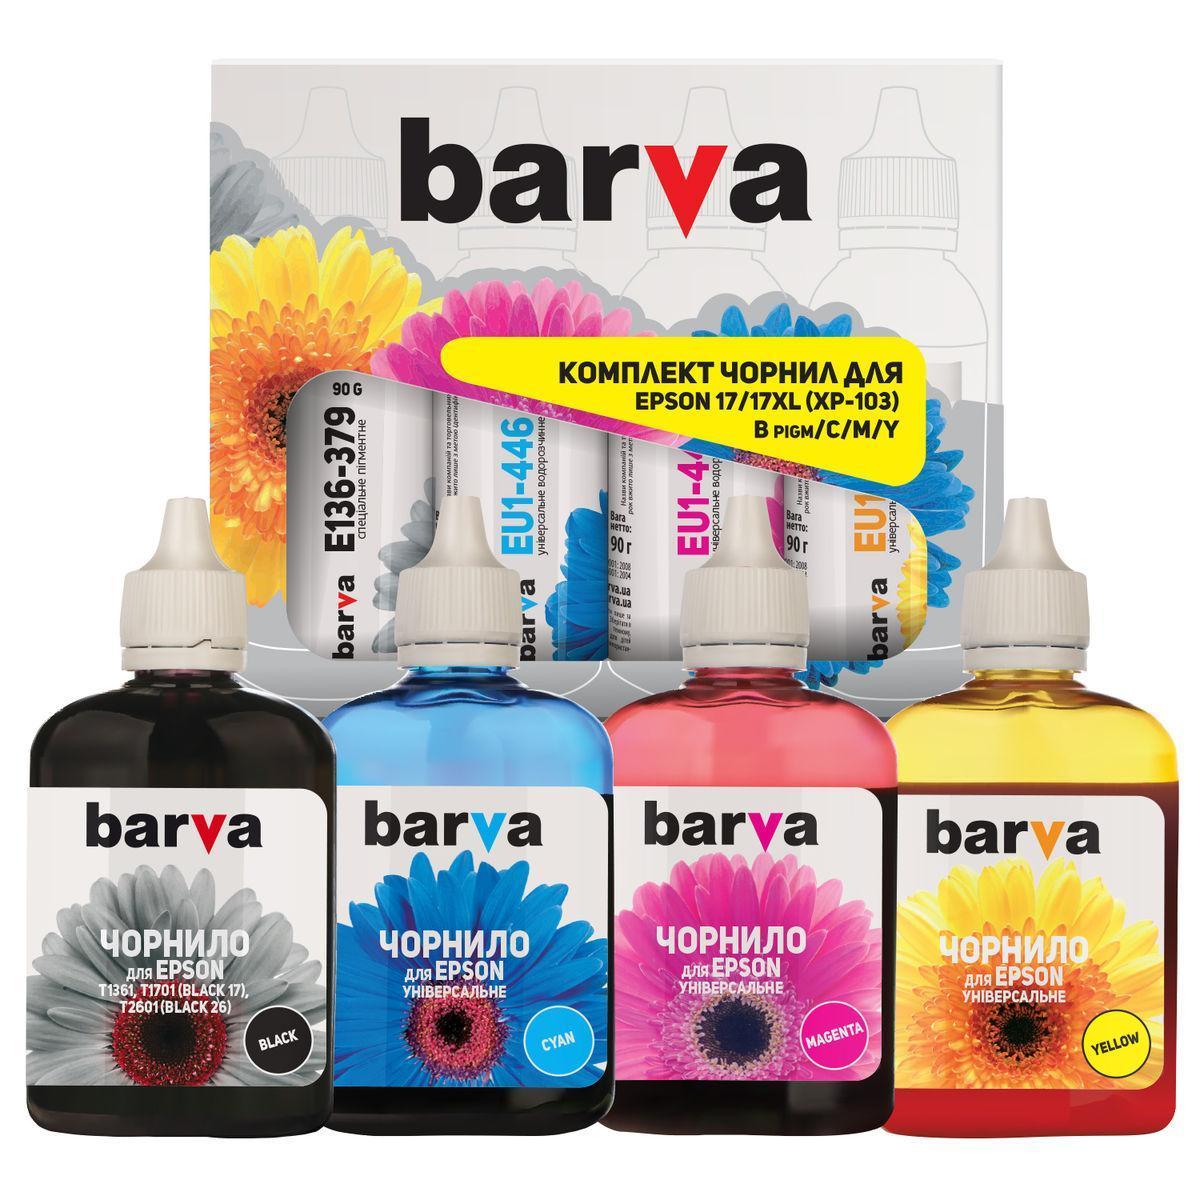 Комплект чернил Barva Epson 17 / 17XL, C/M/Y - водорастворимые / BK - пигмент, 4 x 90 г чернил (E17-090-MP), краска для принтера эпсон